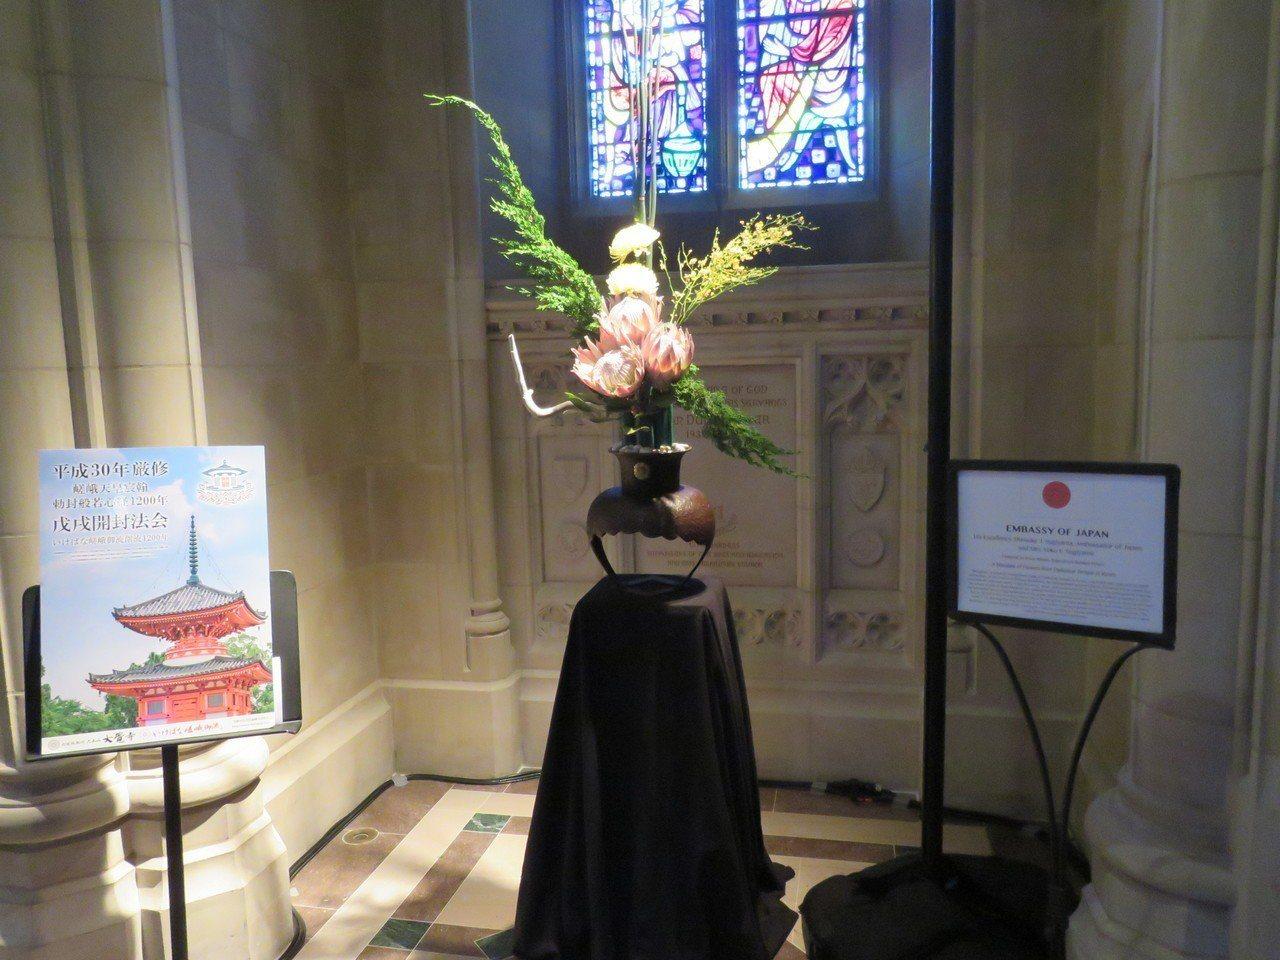 華府國家大教堂3日至4日舉辦花市活動,多國使館參加其中的國際花卉展。圖為日本參展...